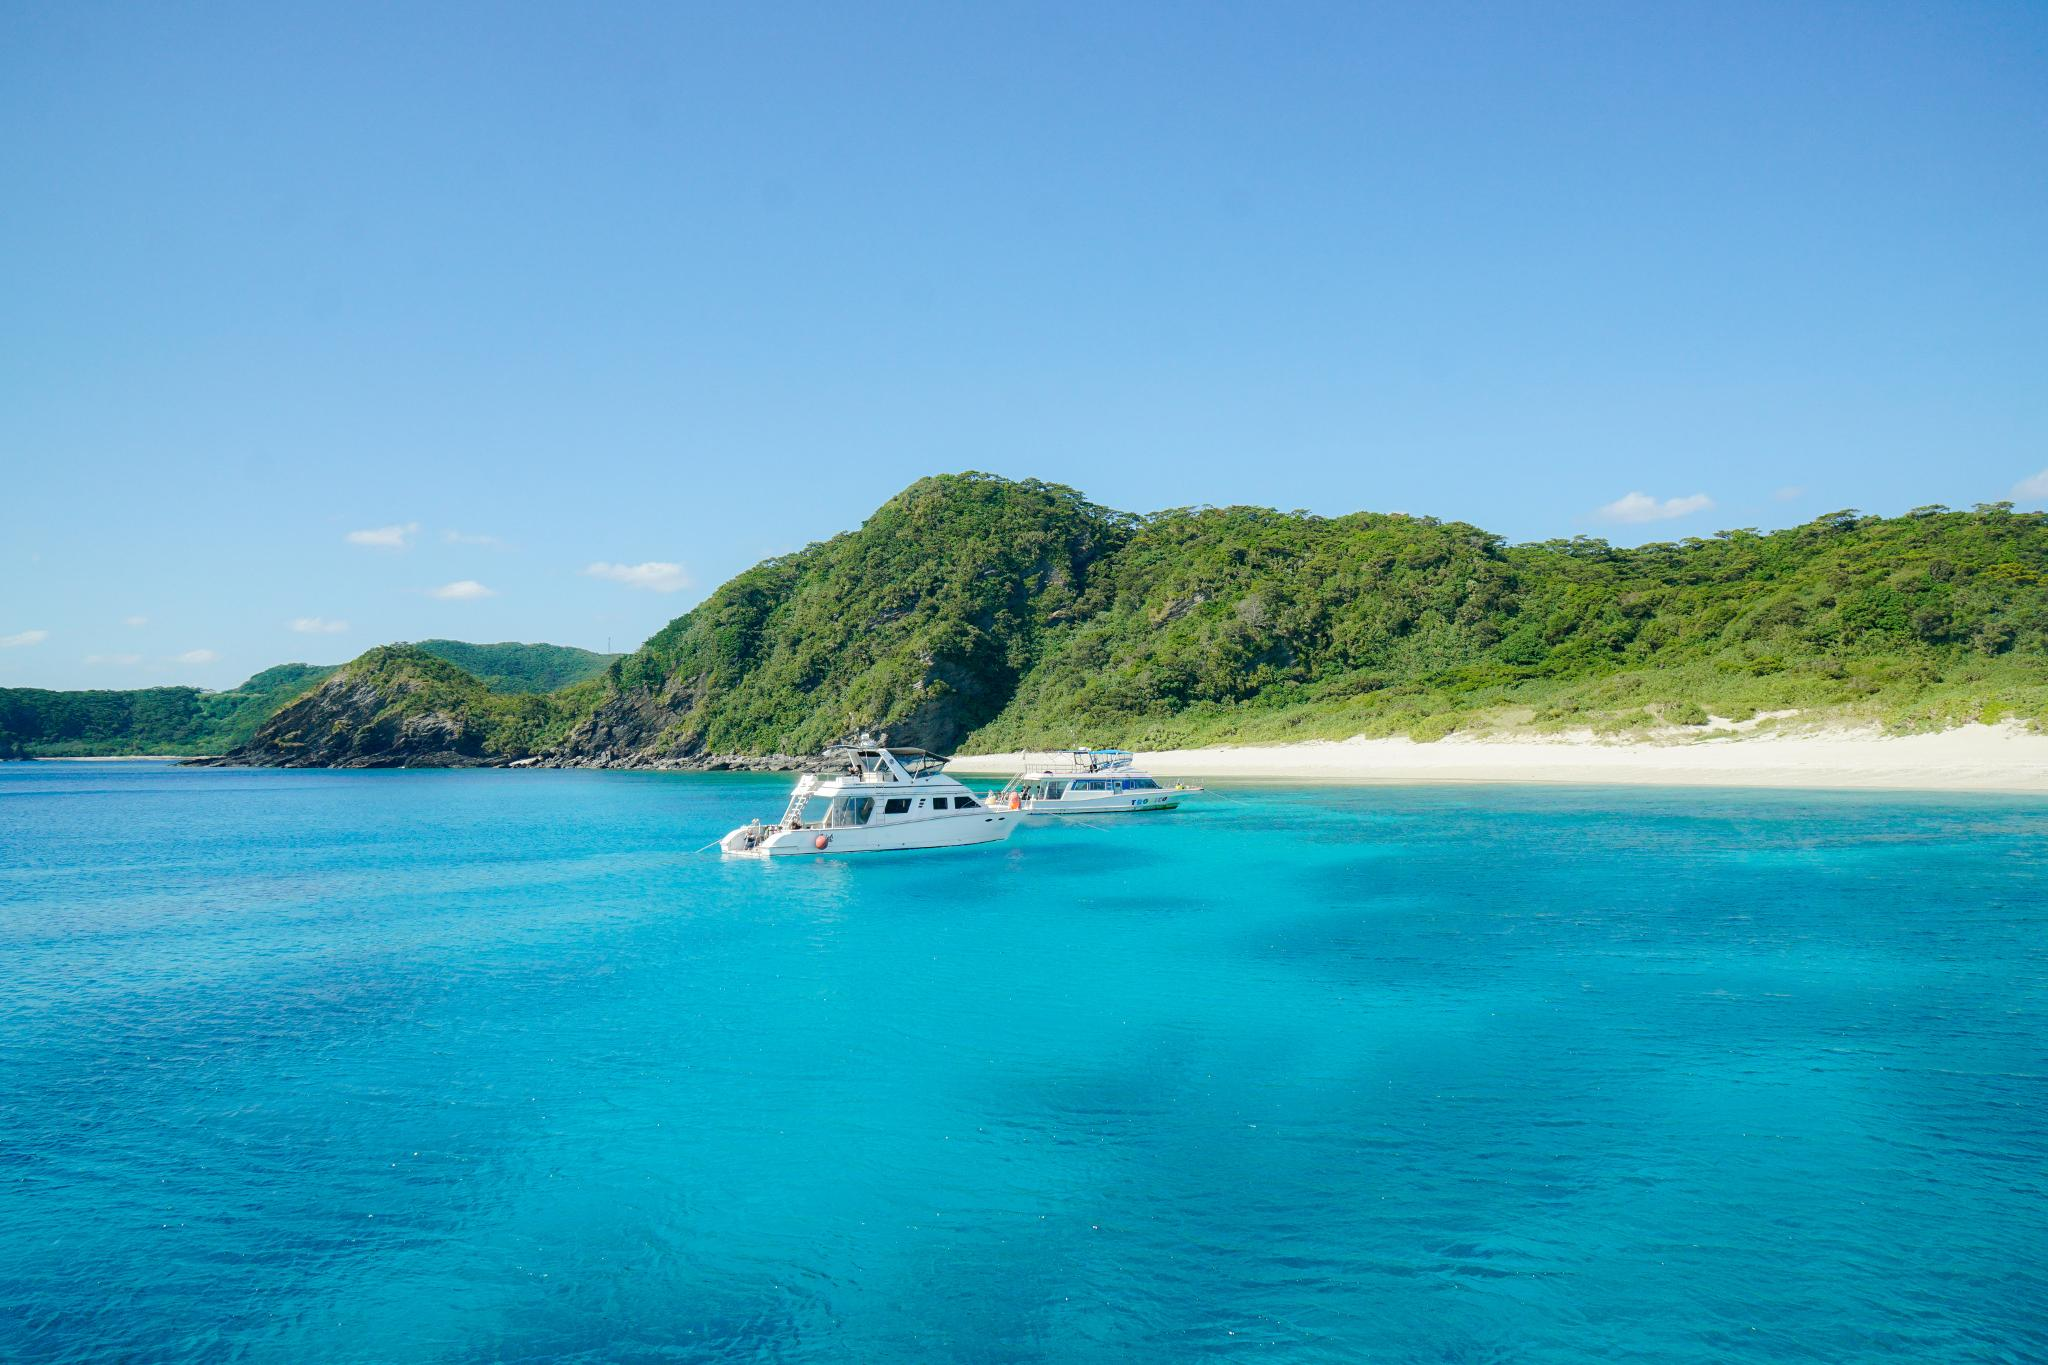 【沖繩】迷戀上沖繩的100種藍 ~ 最美離島全攻略 — 慶良間諸島國立公園